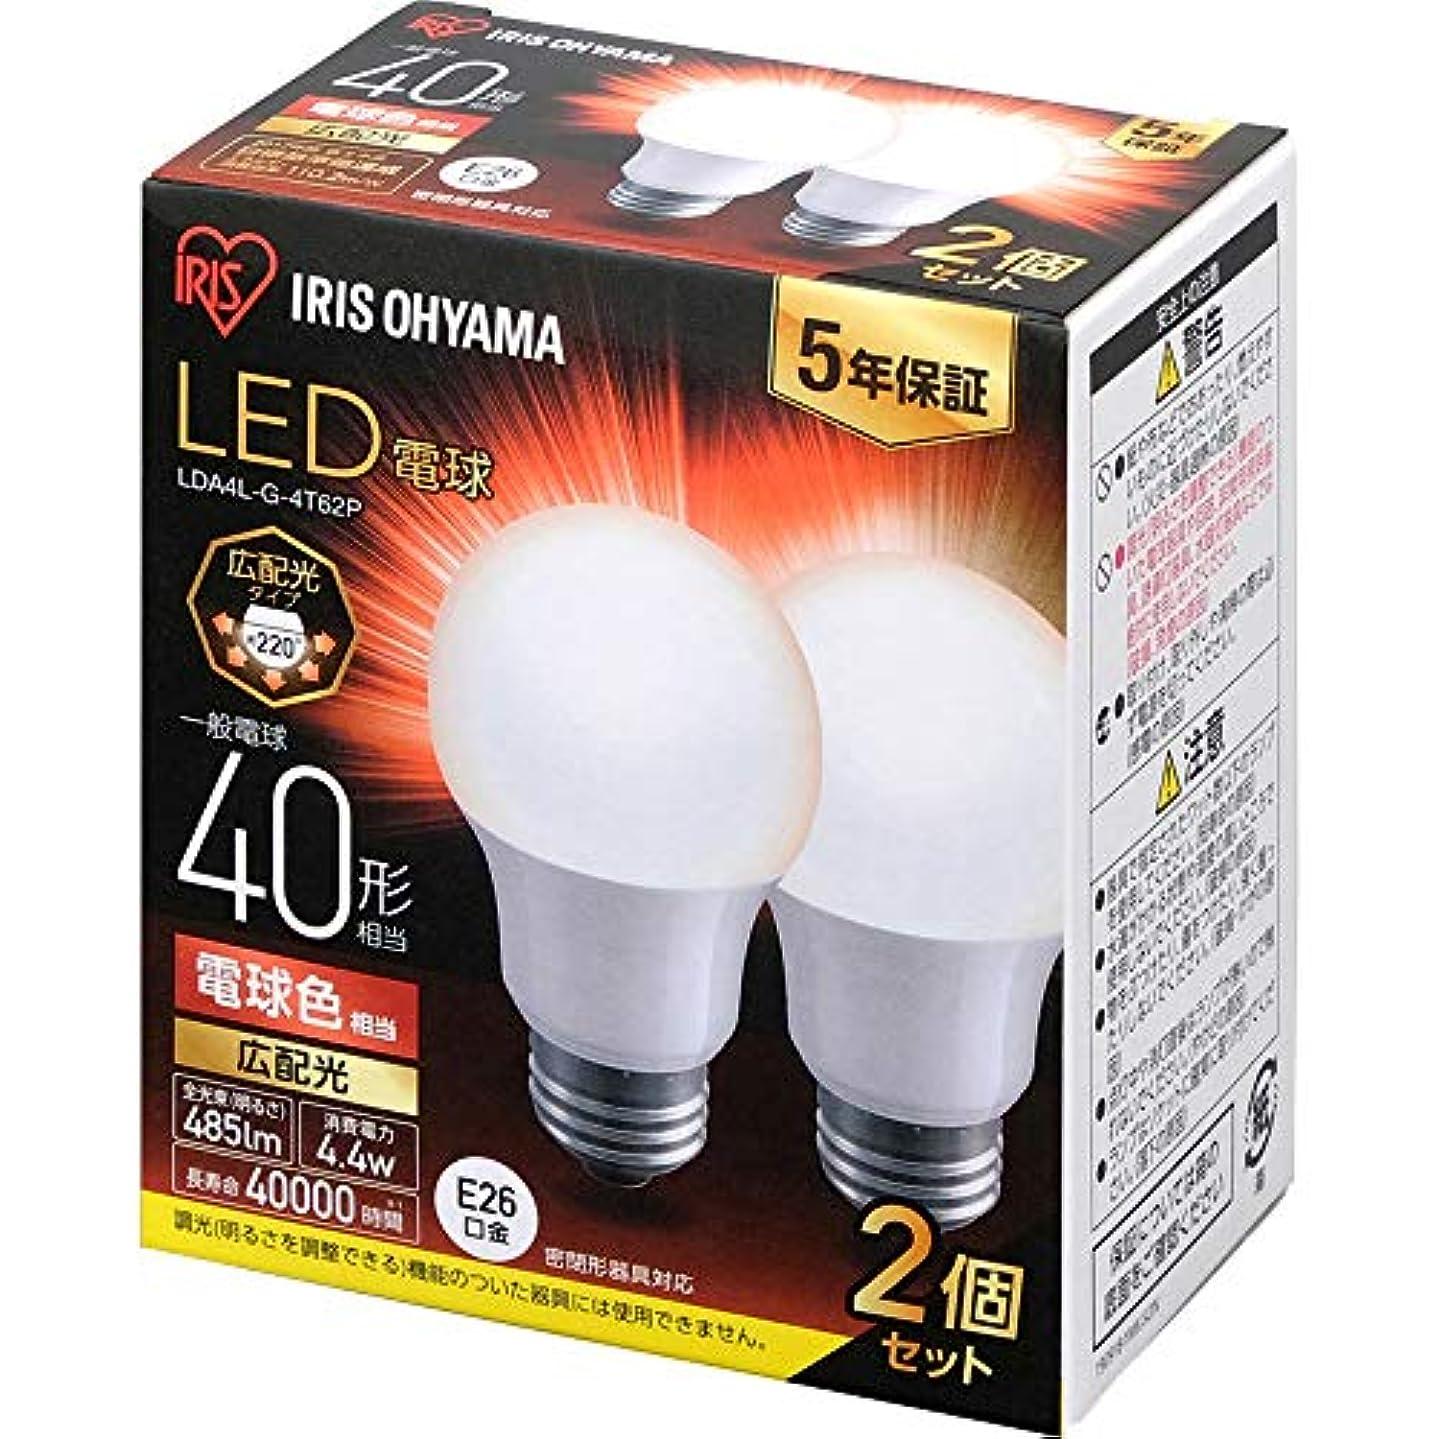 フルーティー昆虫調停するアイリスオーヤマ LED電球 口金直径26mm 広配光 40W形相当 電球色 2個パック 密閉器具対応 LDA4L-G-4T62P